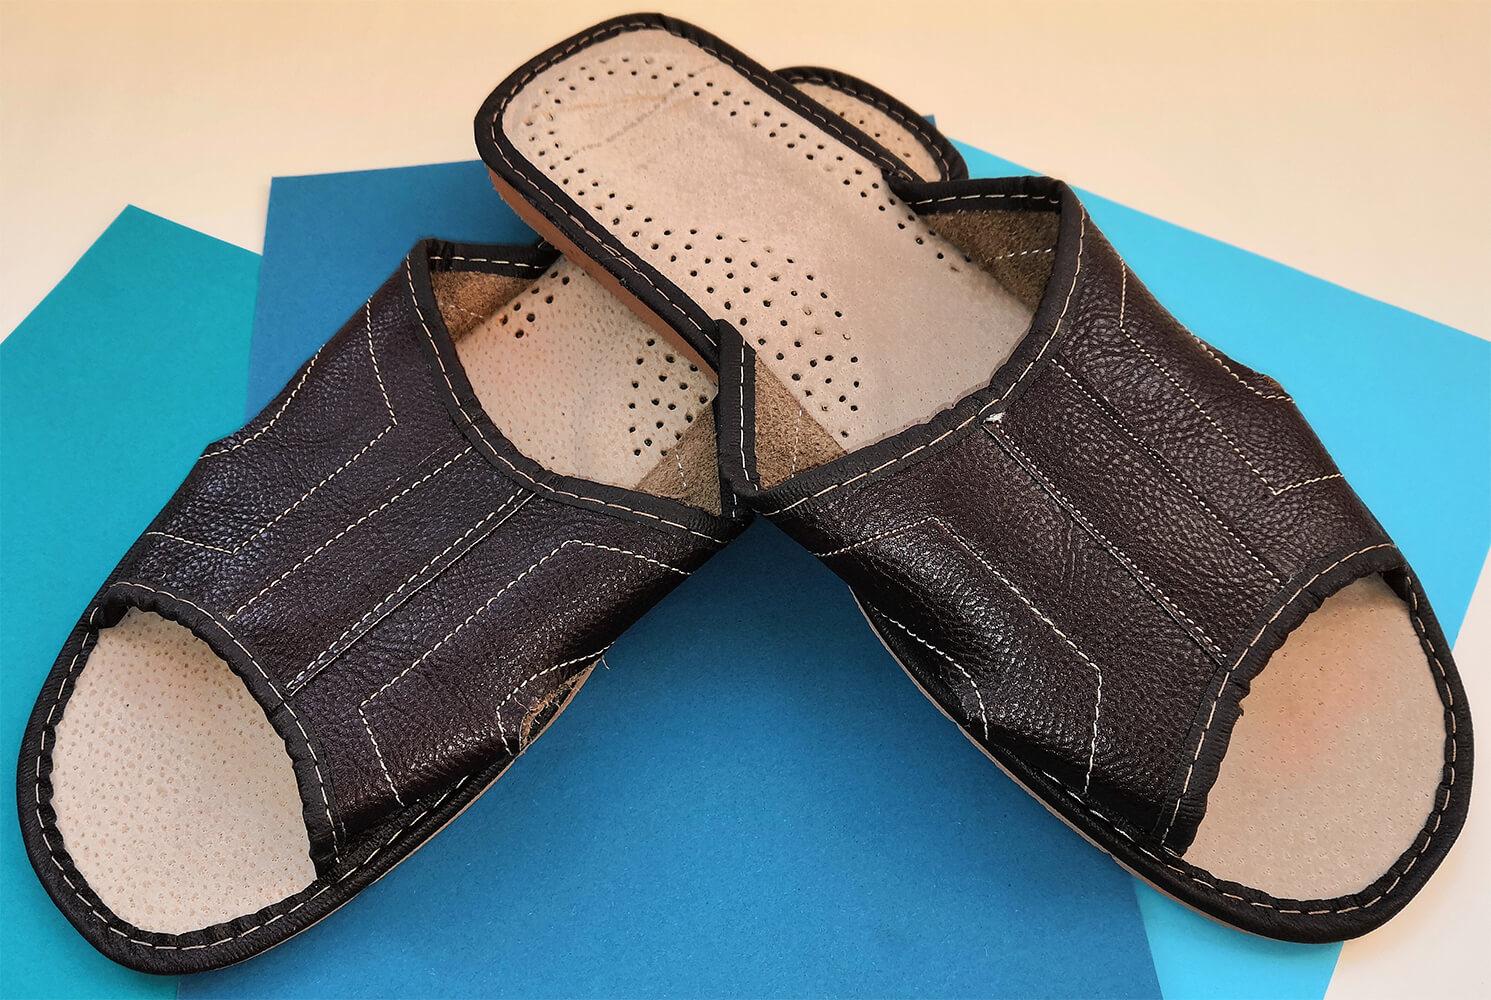 Тапочки кожаные мужские Polmar P103-03 46 размера. Фото 3